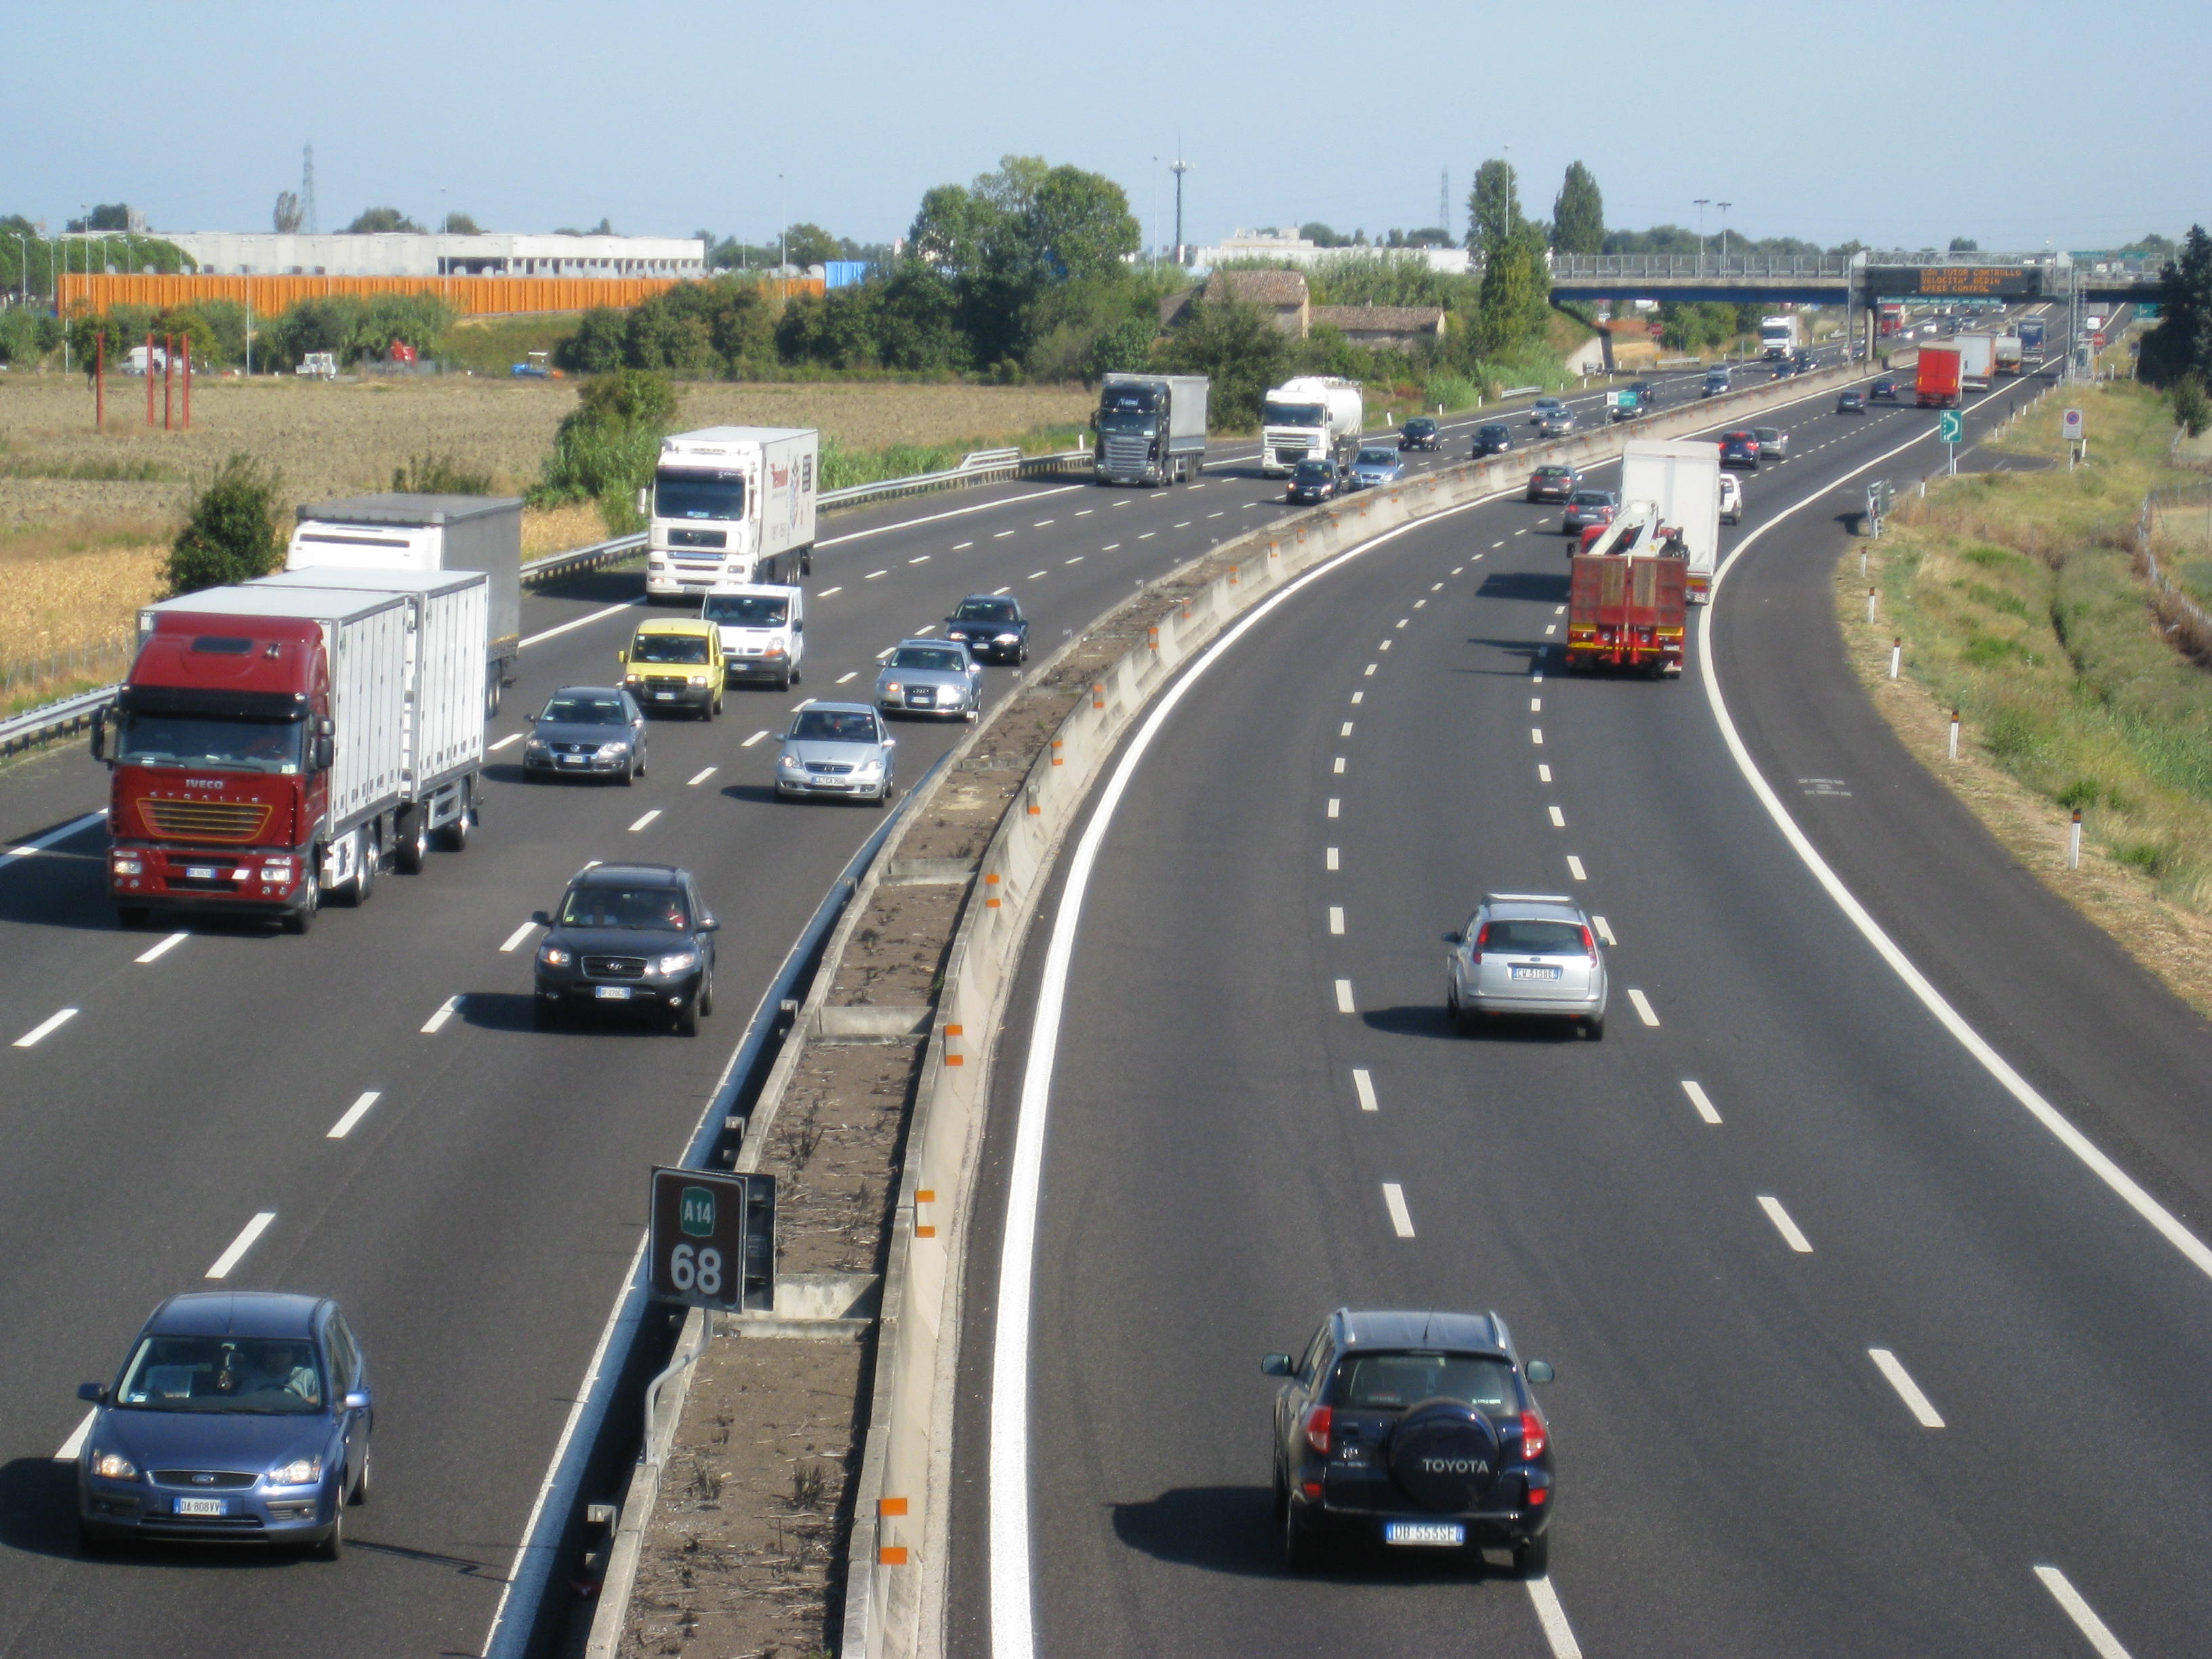 incidente sulla A1 carambola fra auto